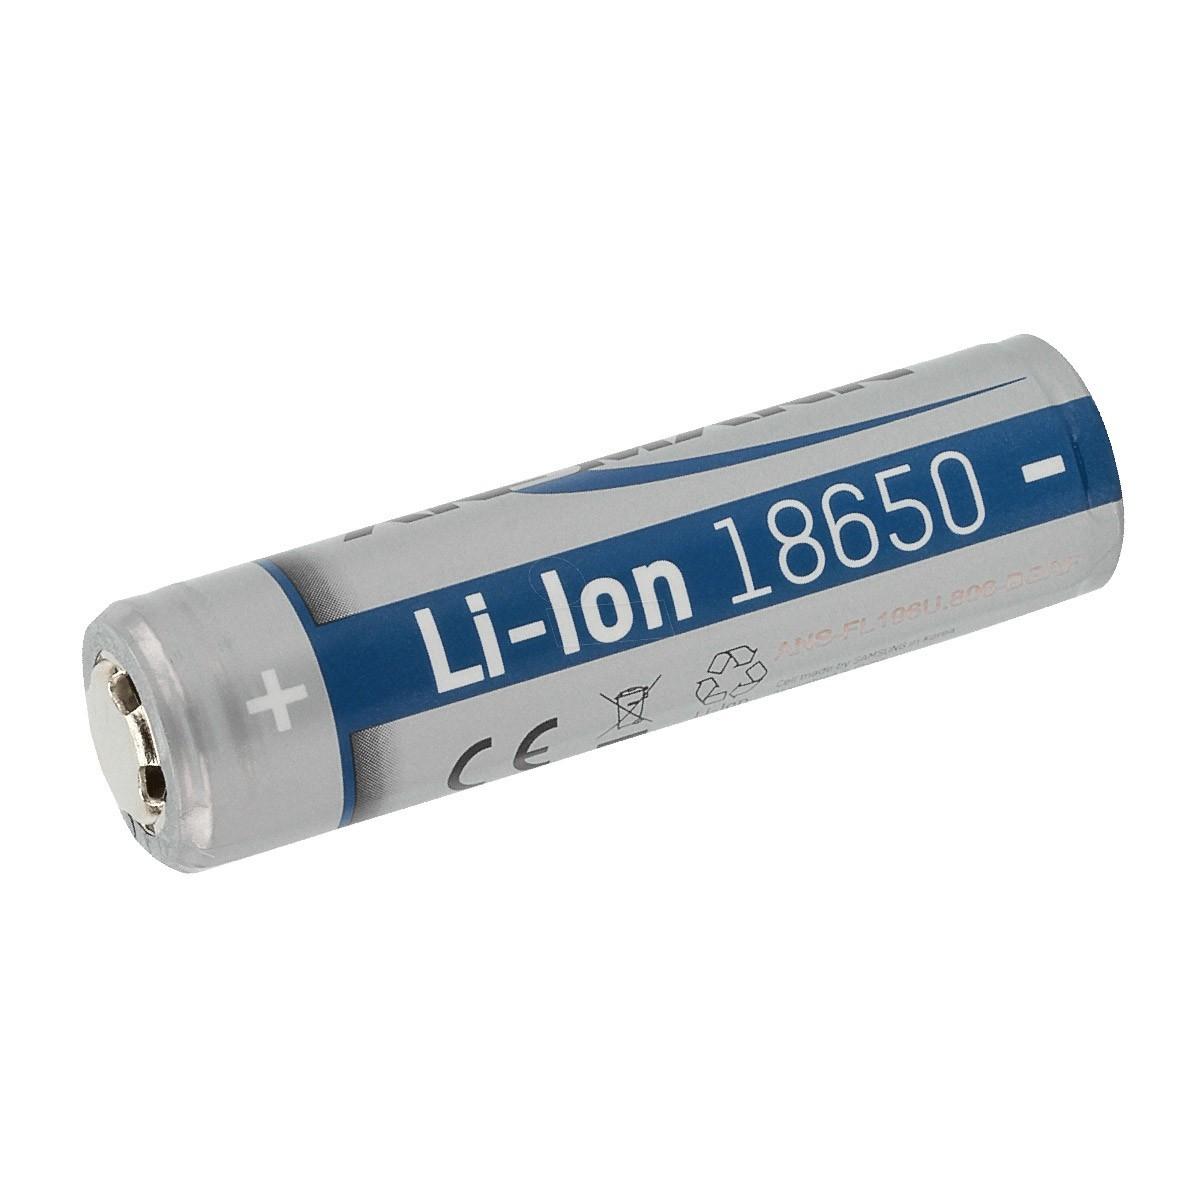 ANSMANN ANS 18650 PCB Batterie Lithium-Ion 18650 3.6V 2600mAh Rechargeable